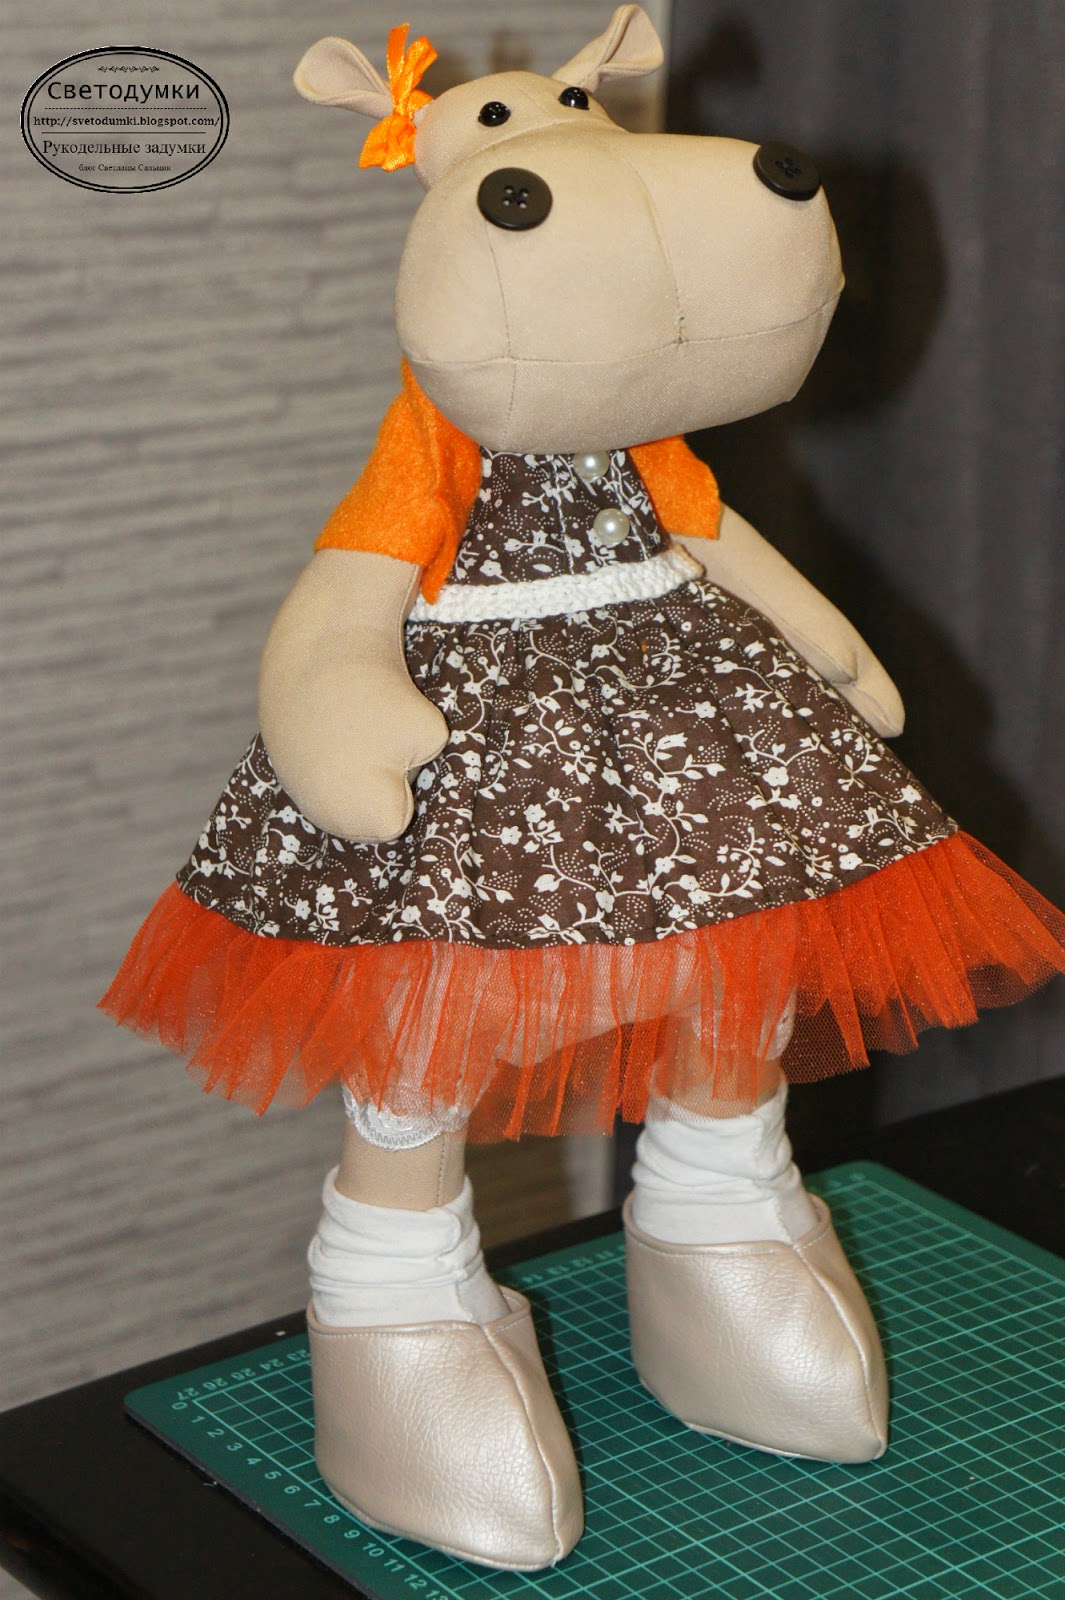 интерьерная игрушка, тильда бегемот, наряд, оранжевый, шоколадный